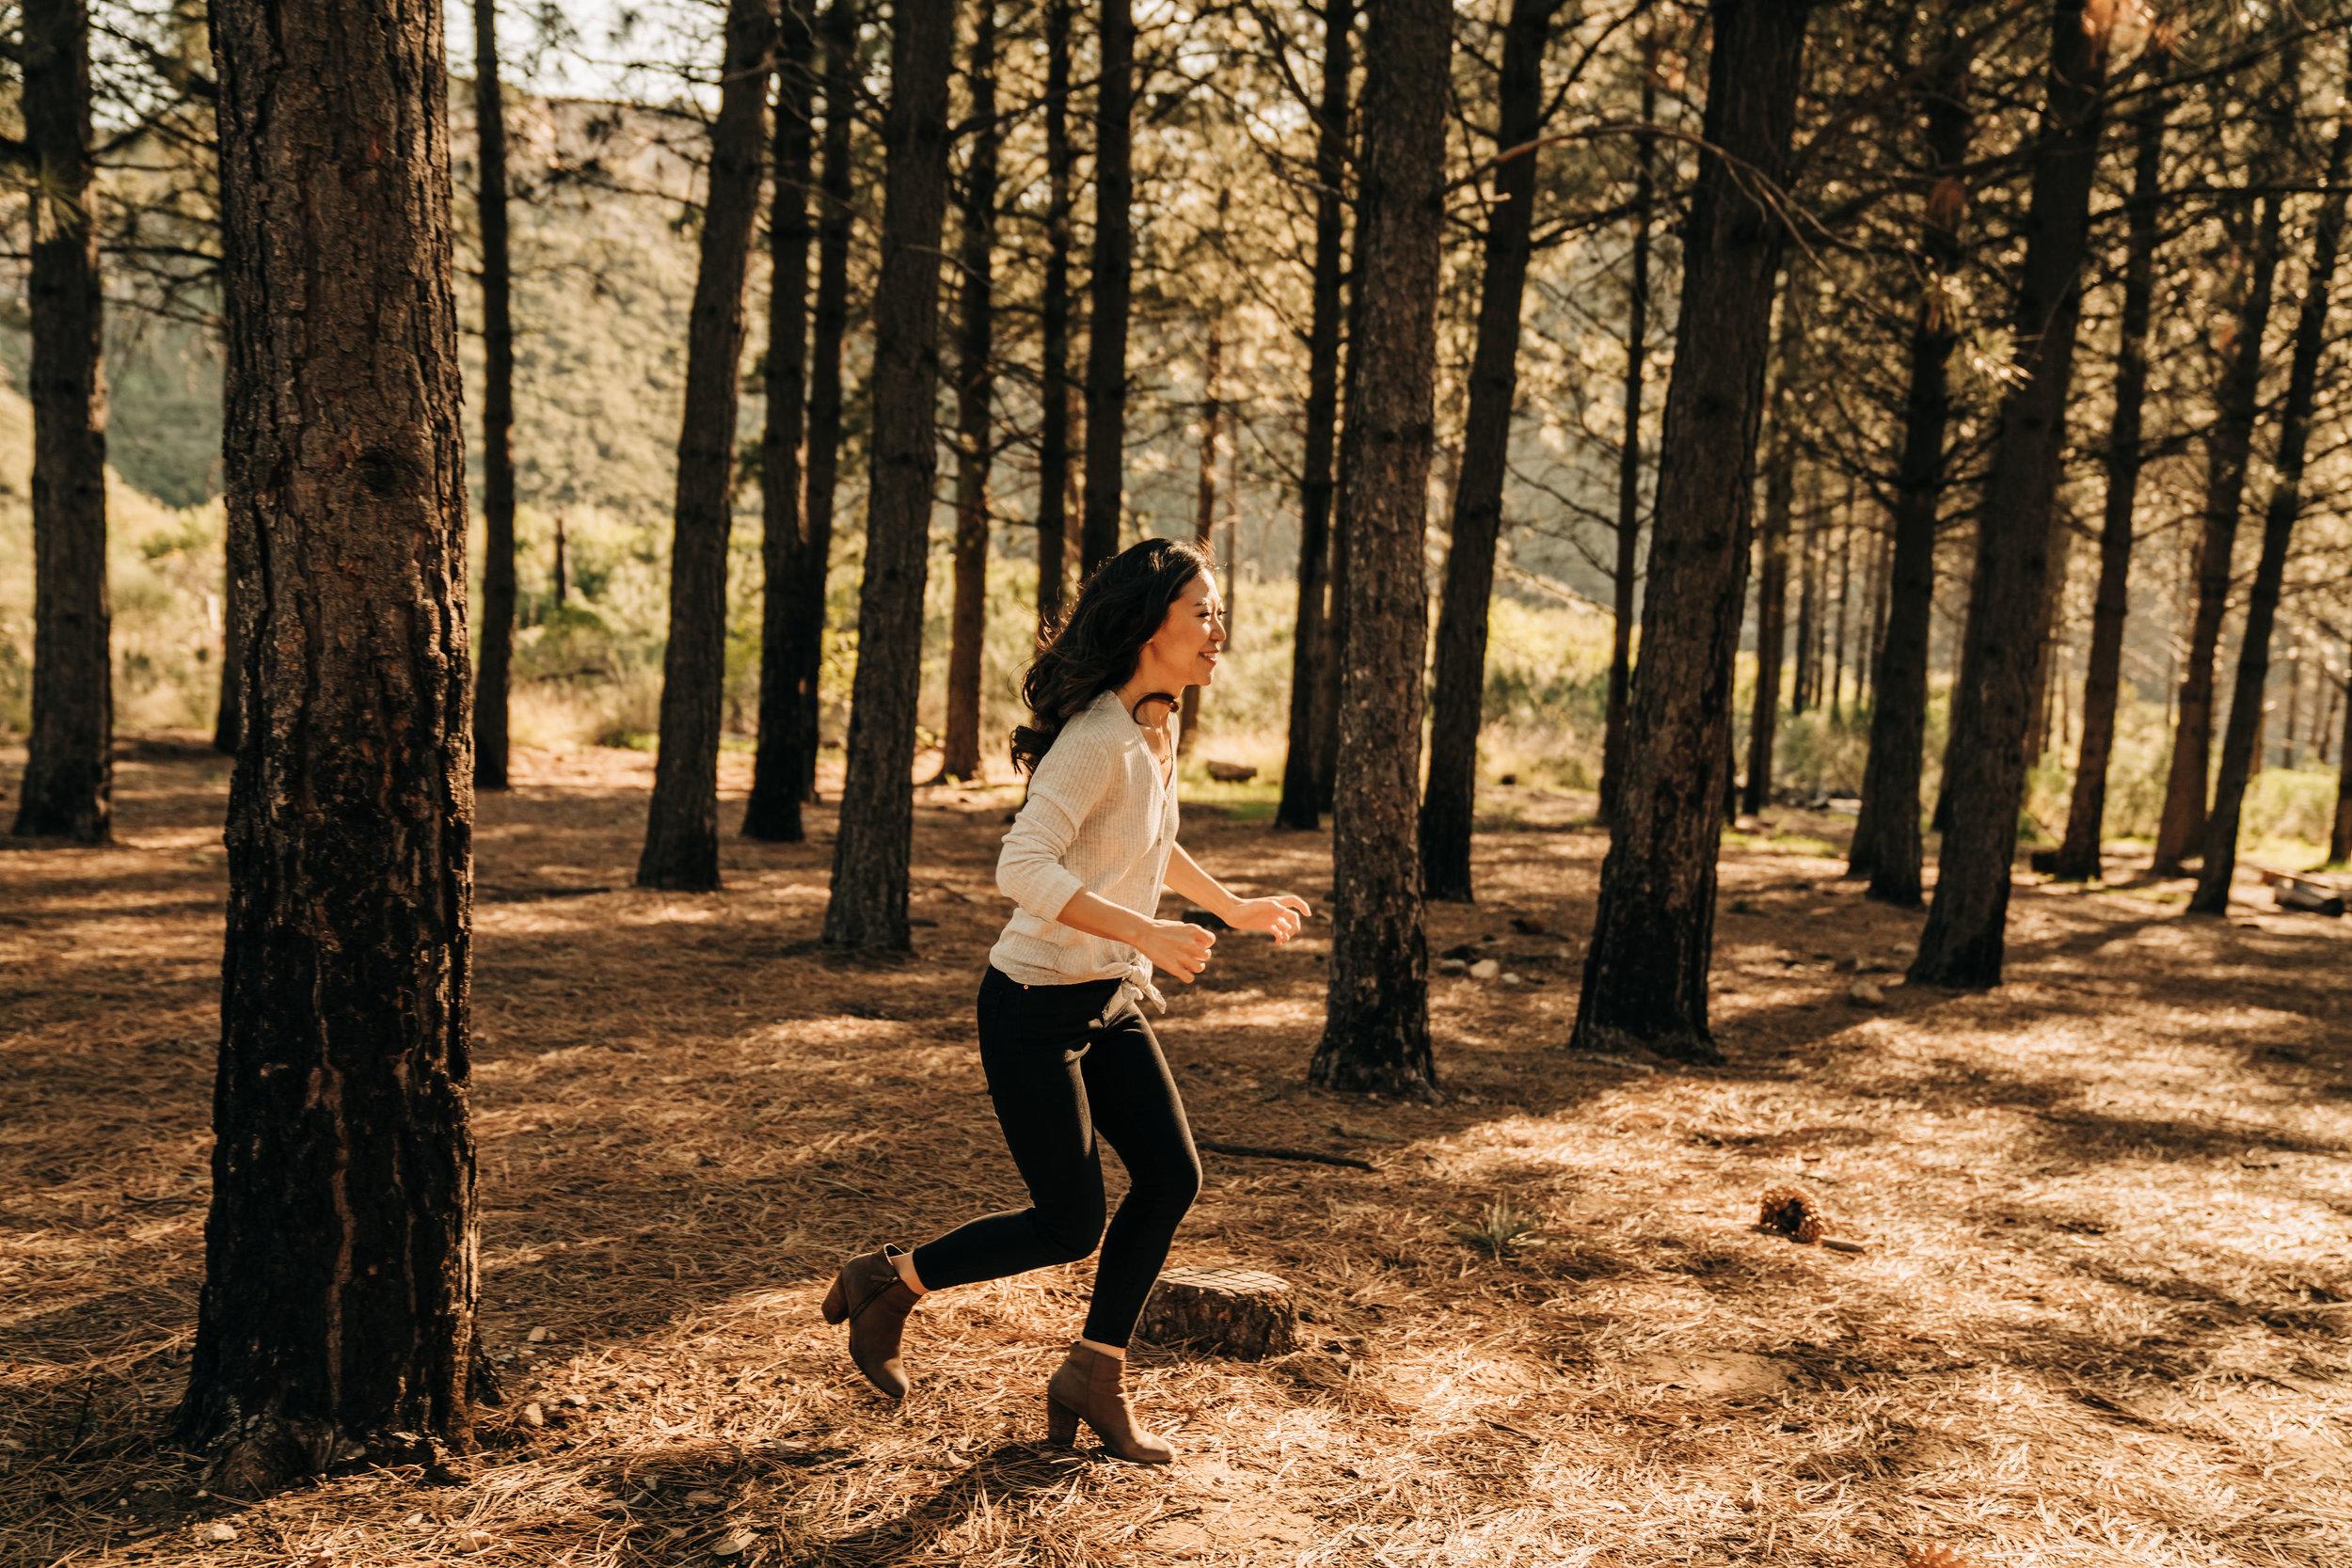 la-forest-engagement-photos-024.jpg